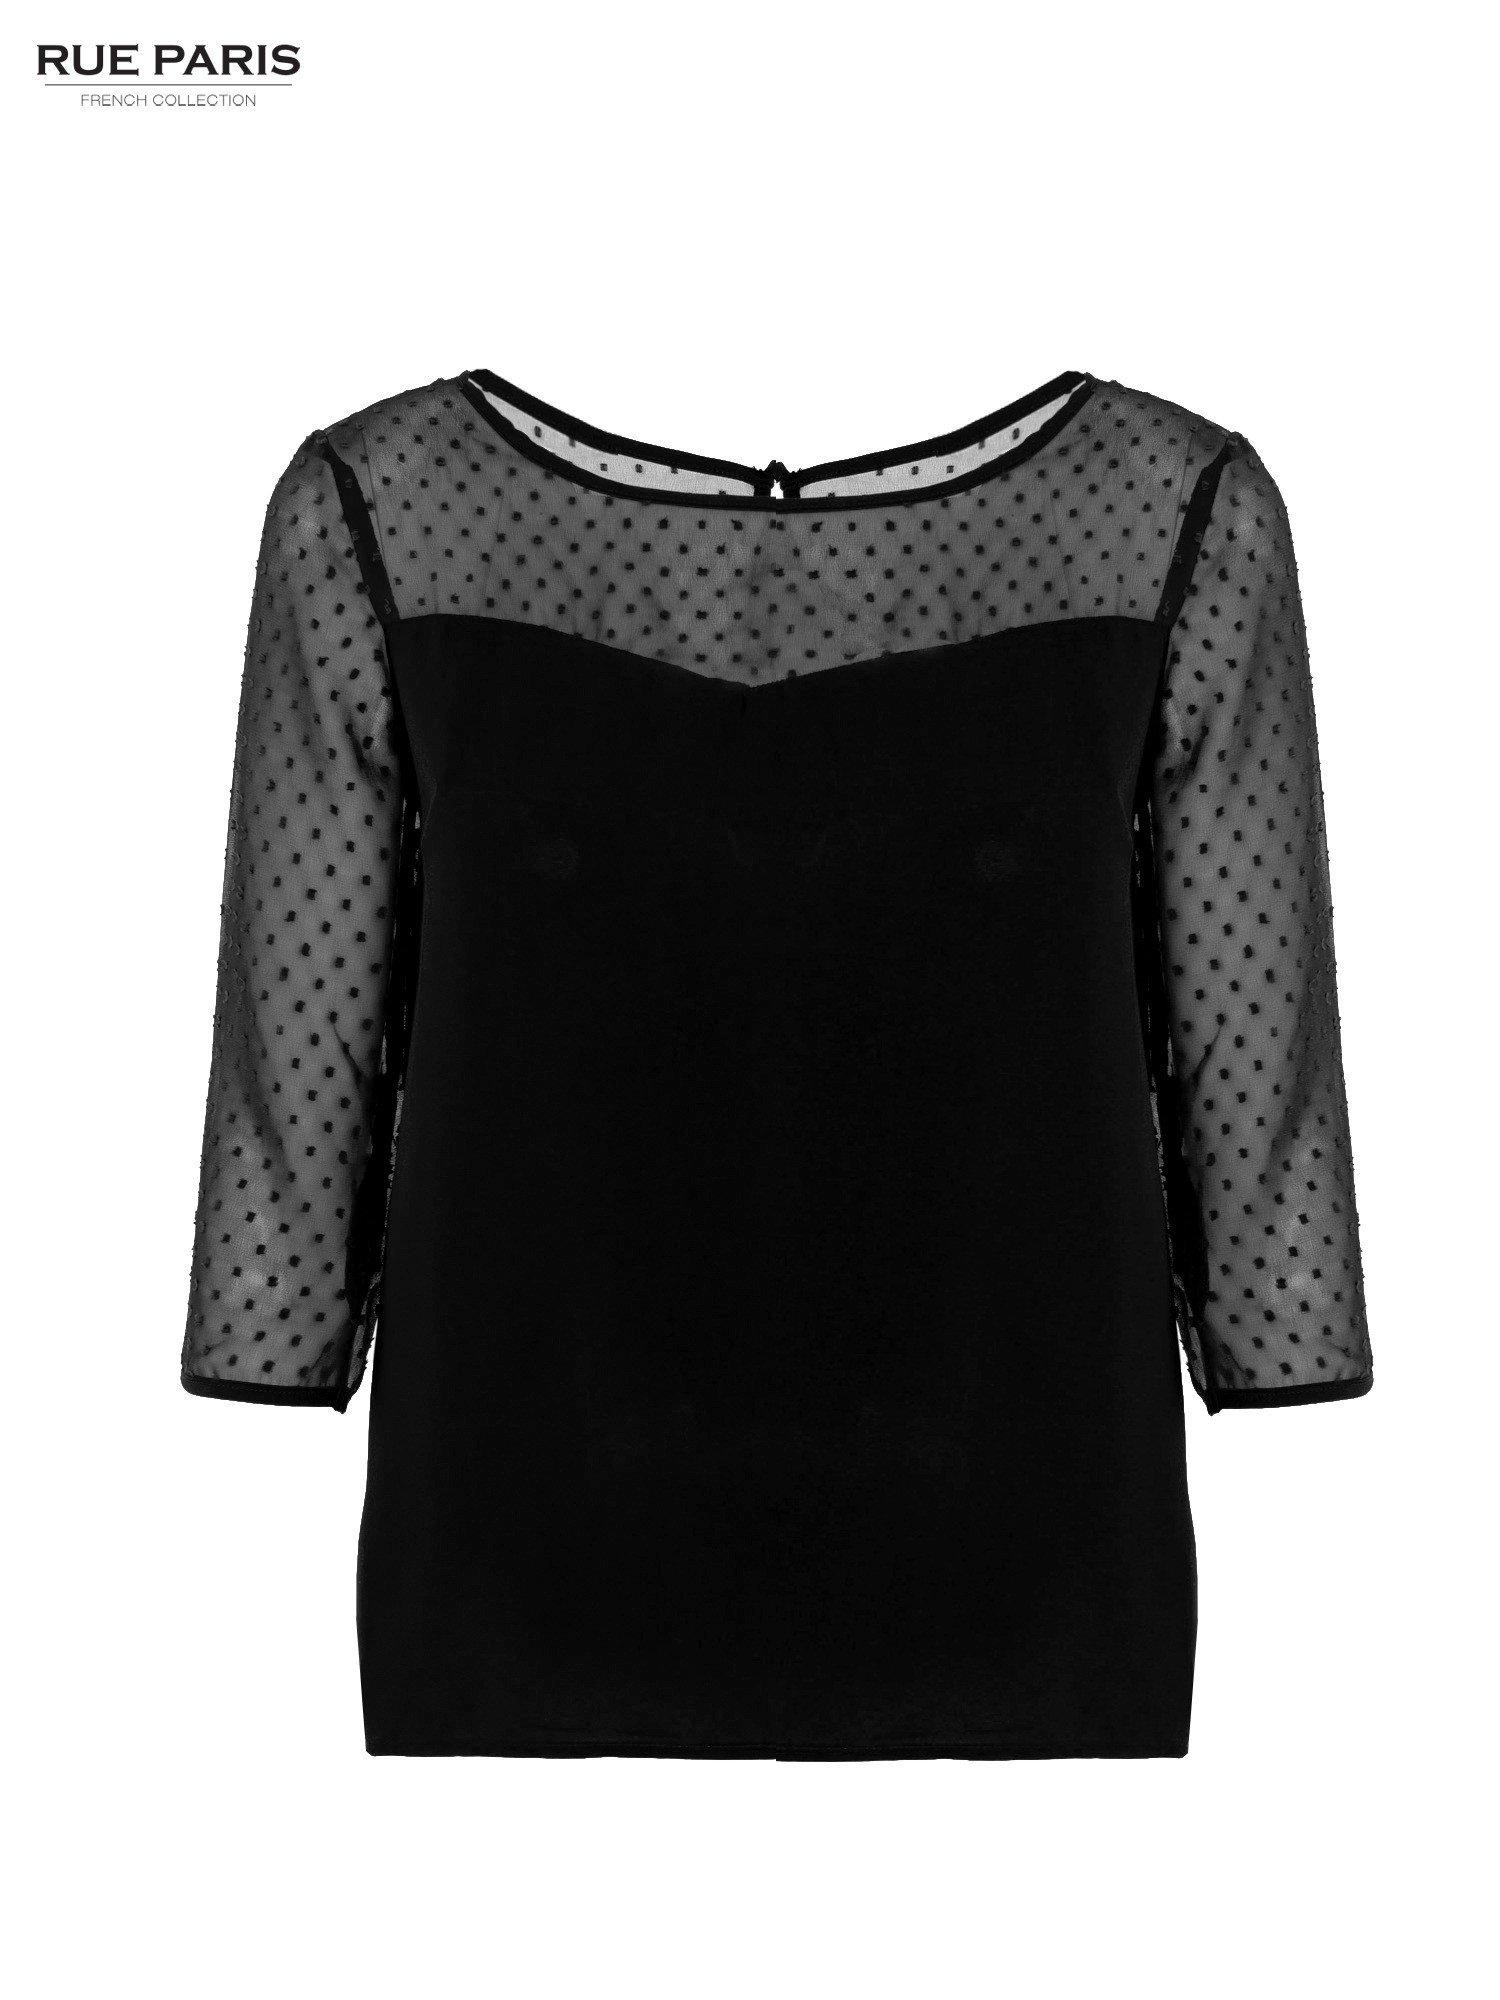 Czarna koszula z przezroczystym materiałem w groszki                                  zdj.                                  1